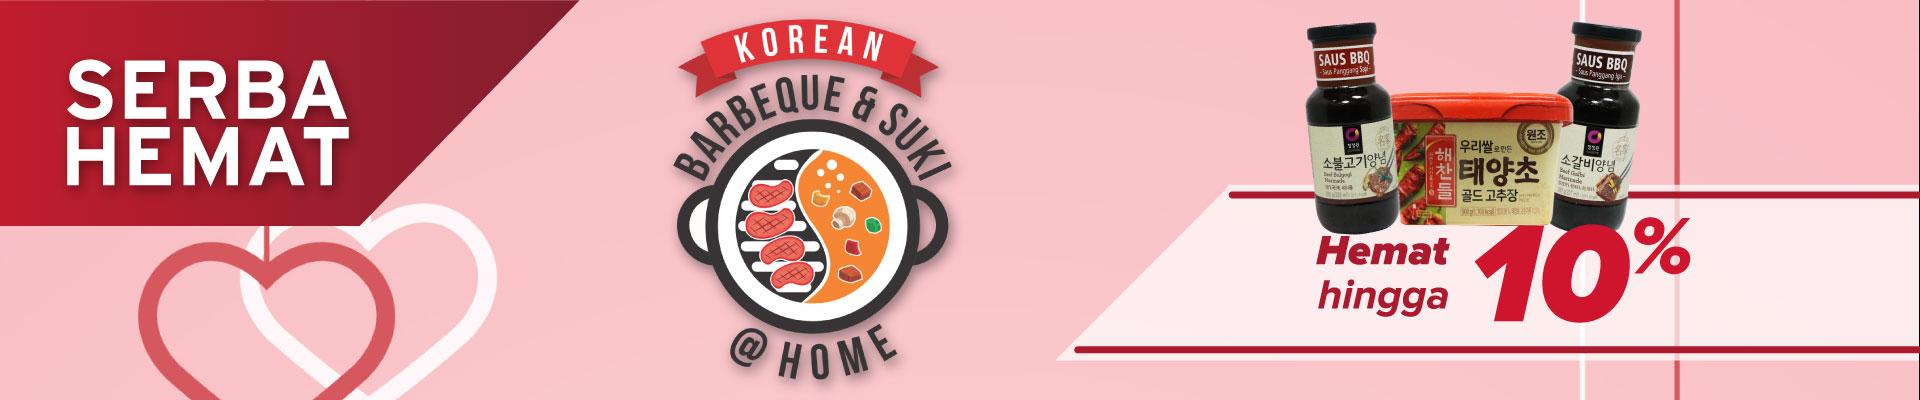 Korean BBQ & Suki